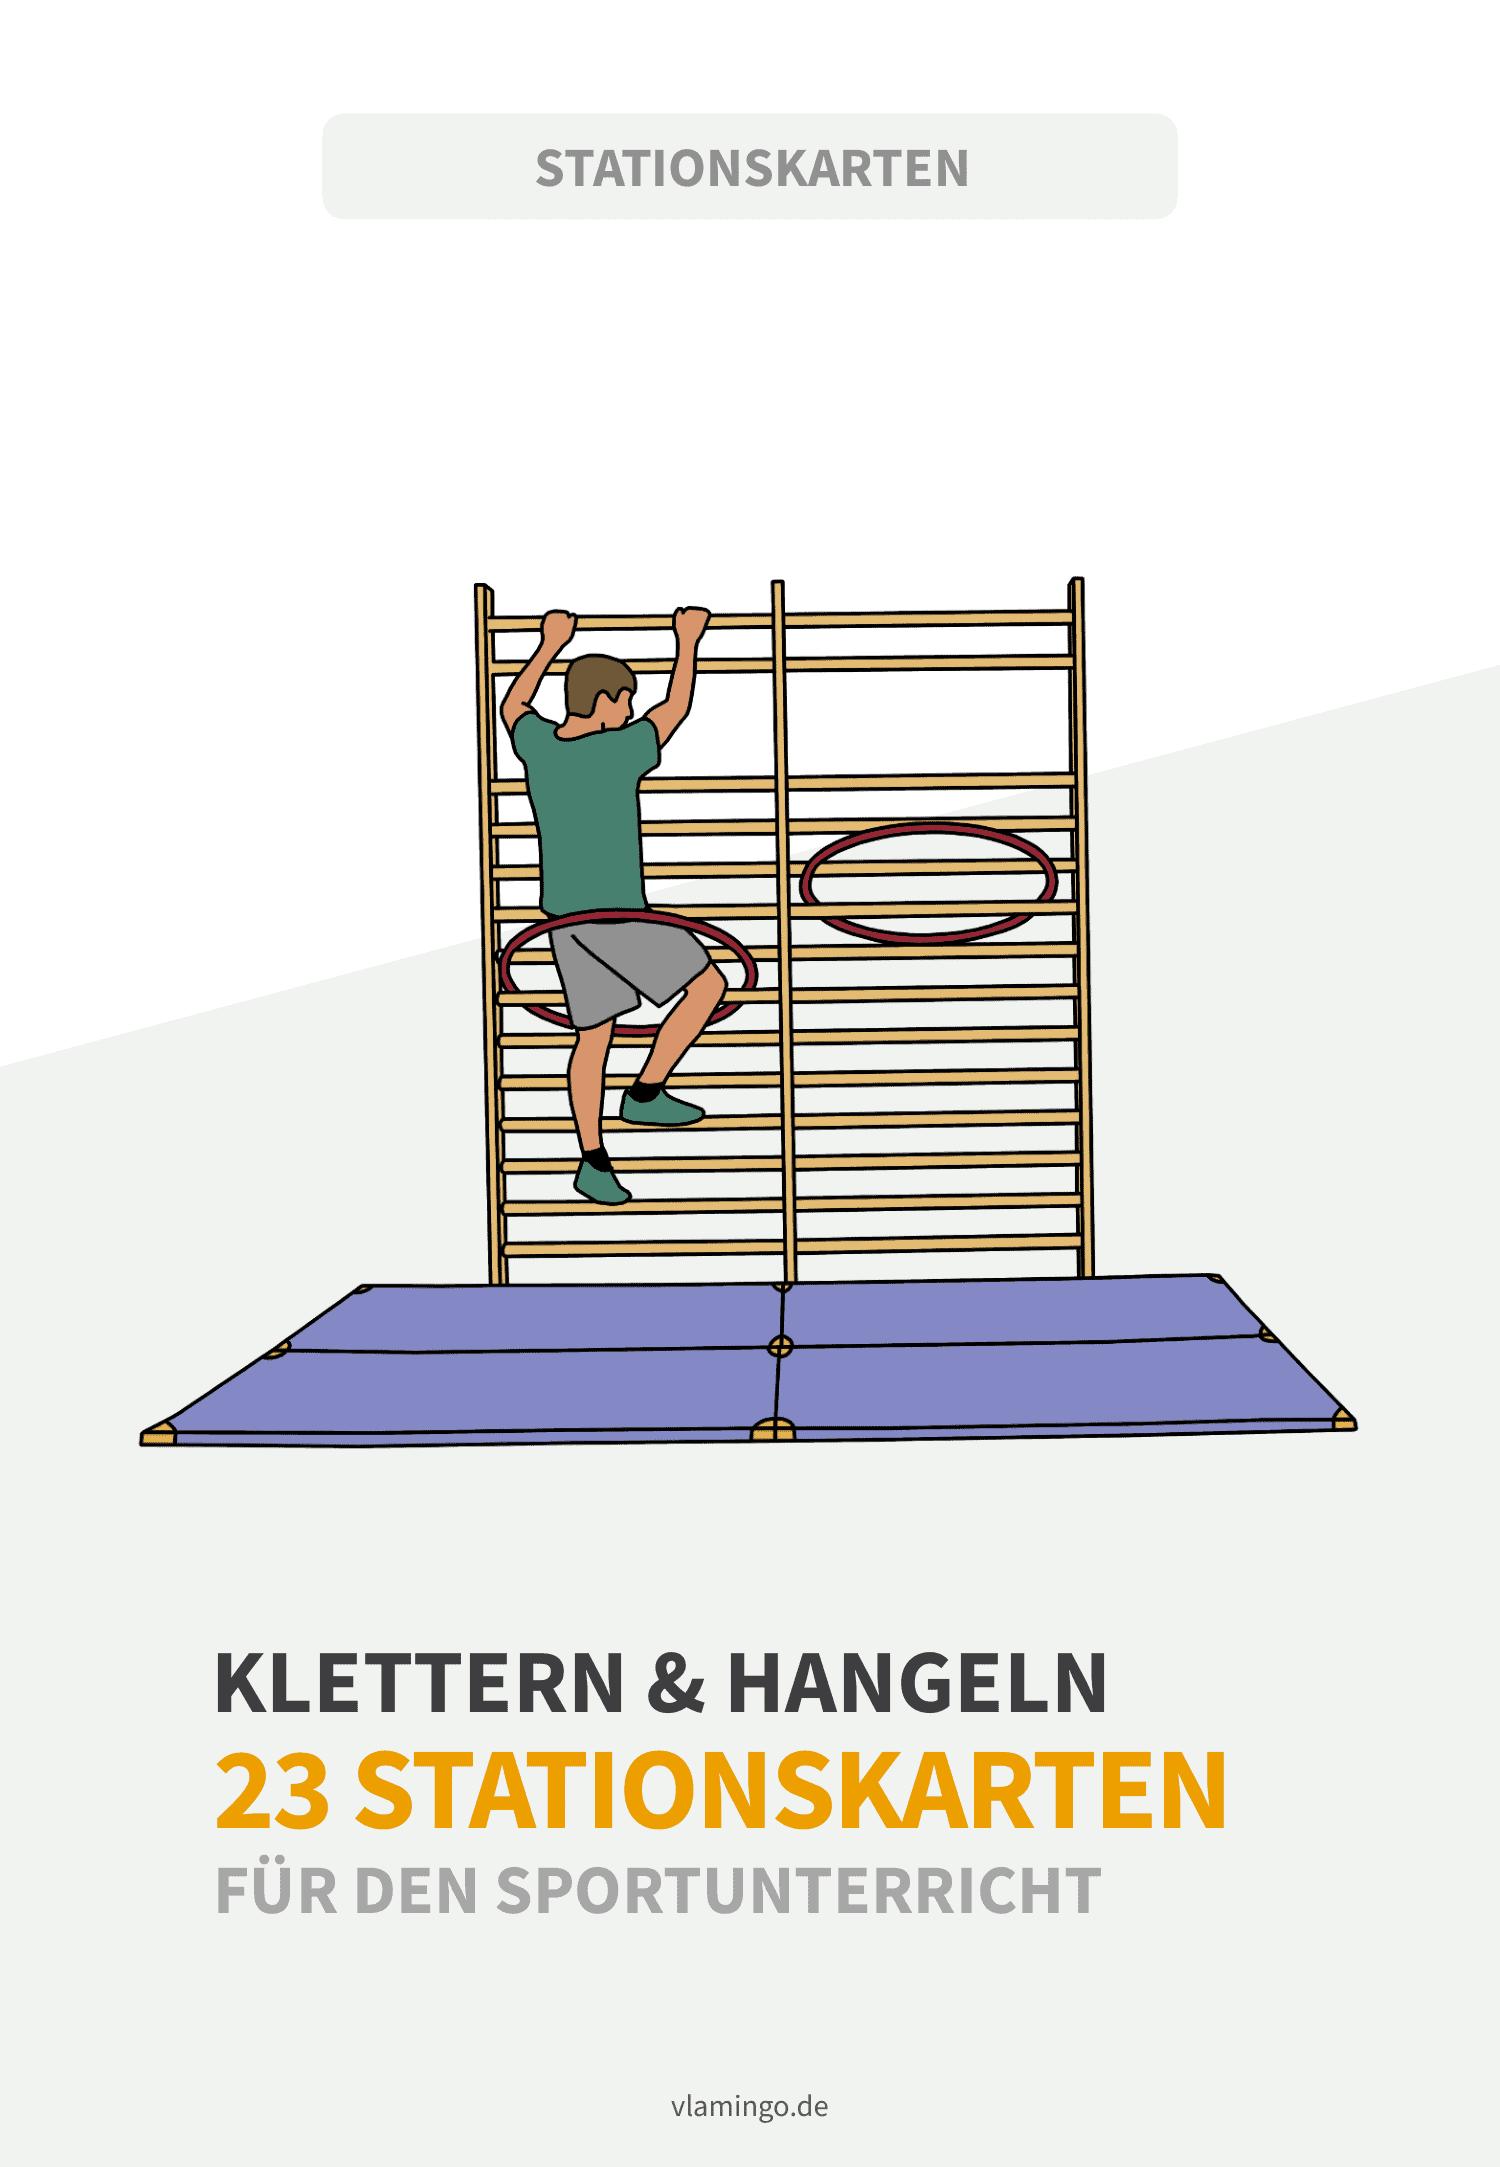 Klettern & Hangeln an Turngeräten - 23 Stationskarten für den Sportunterricht